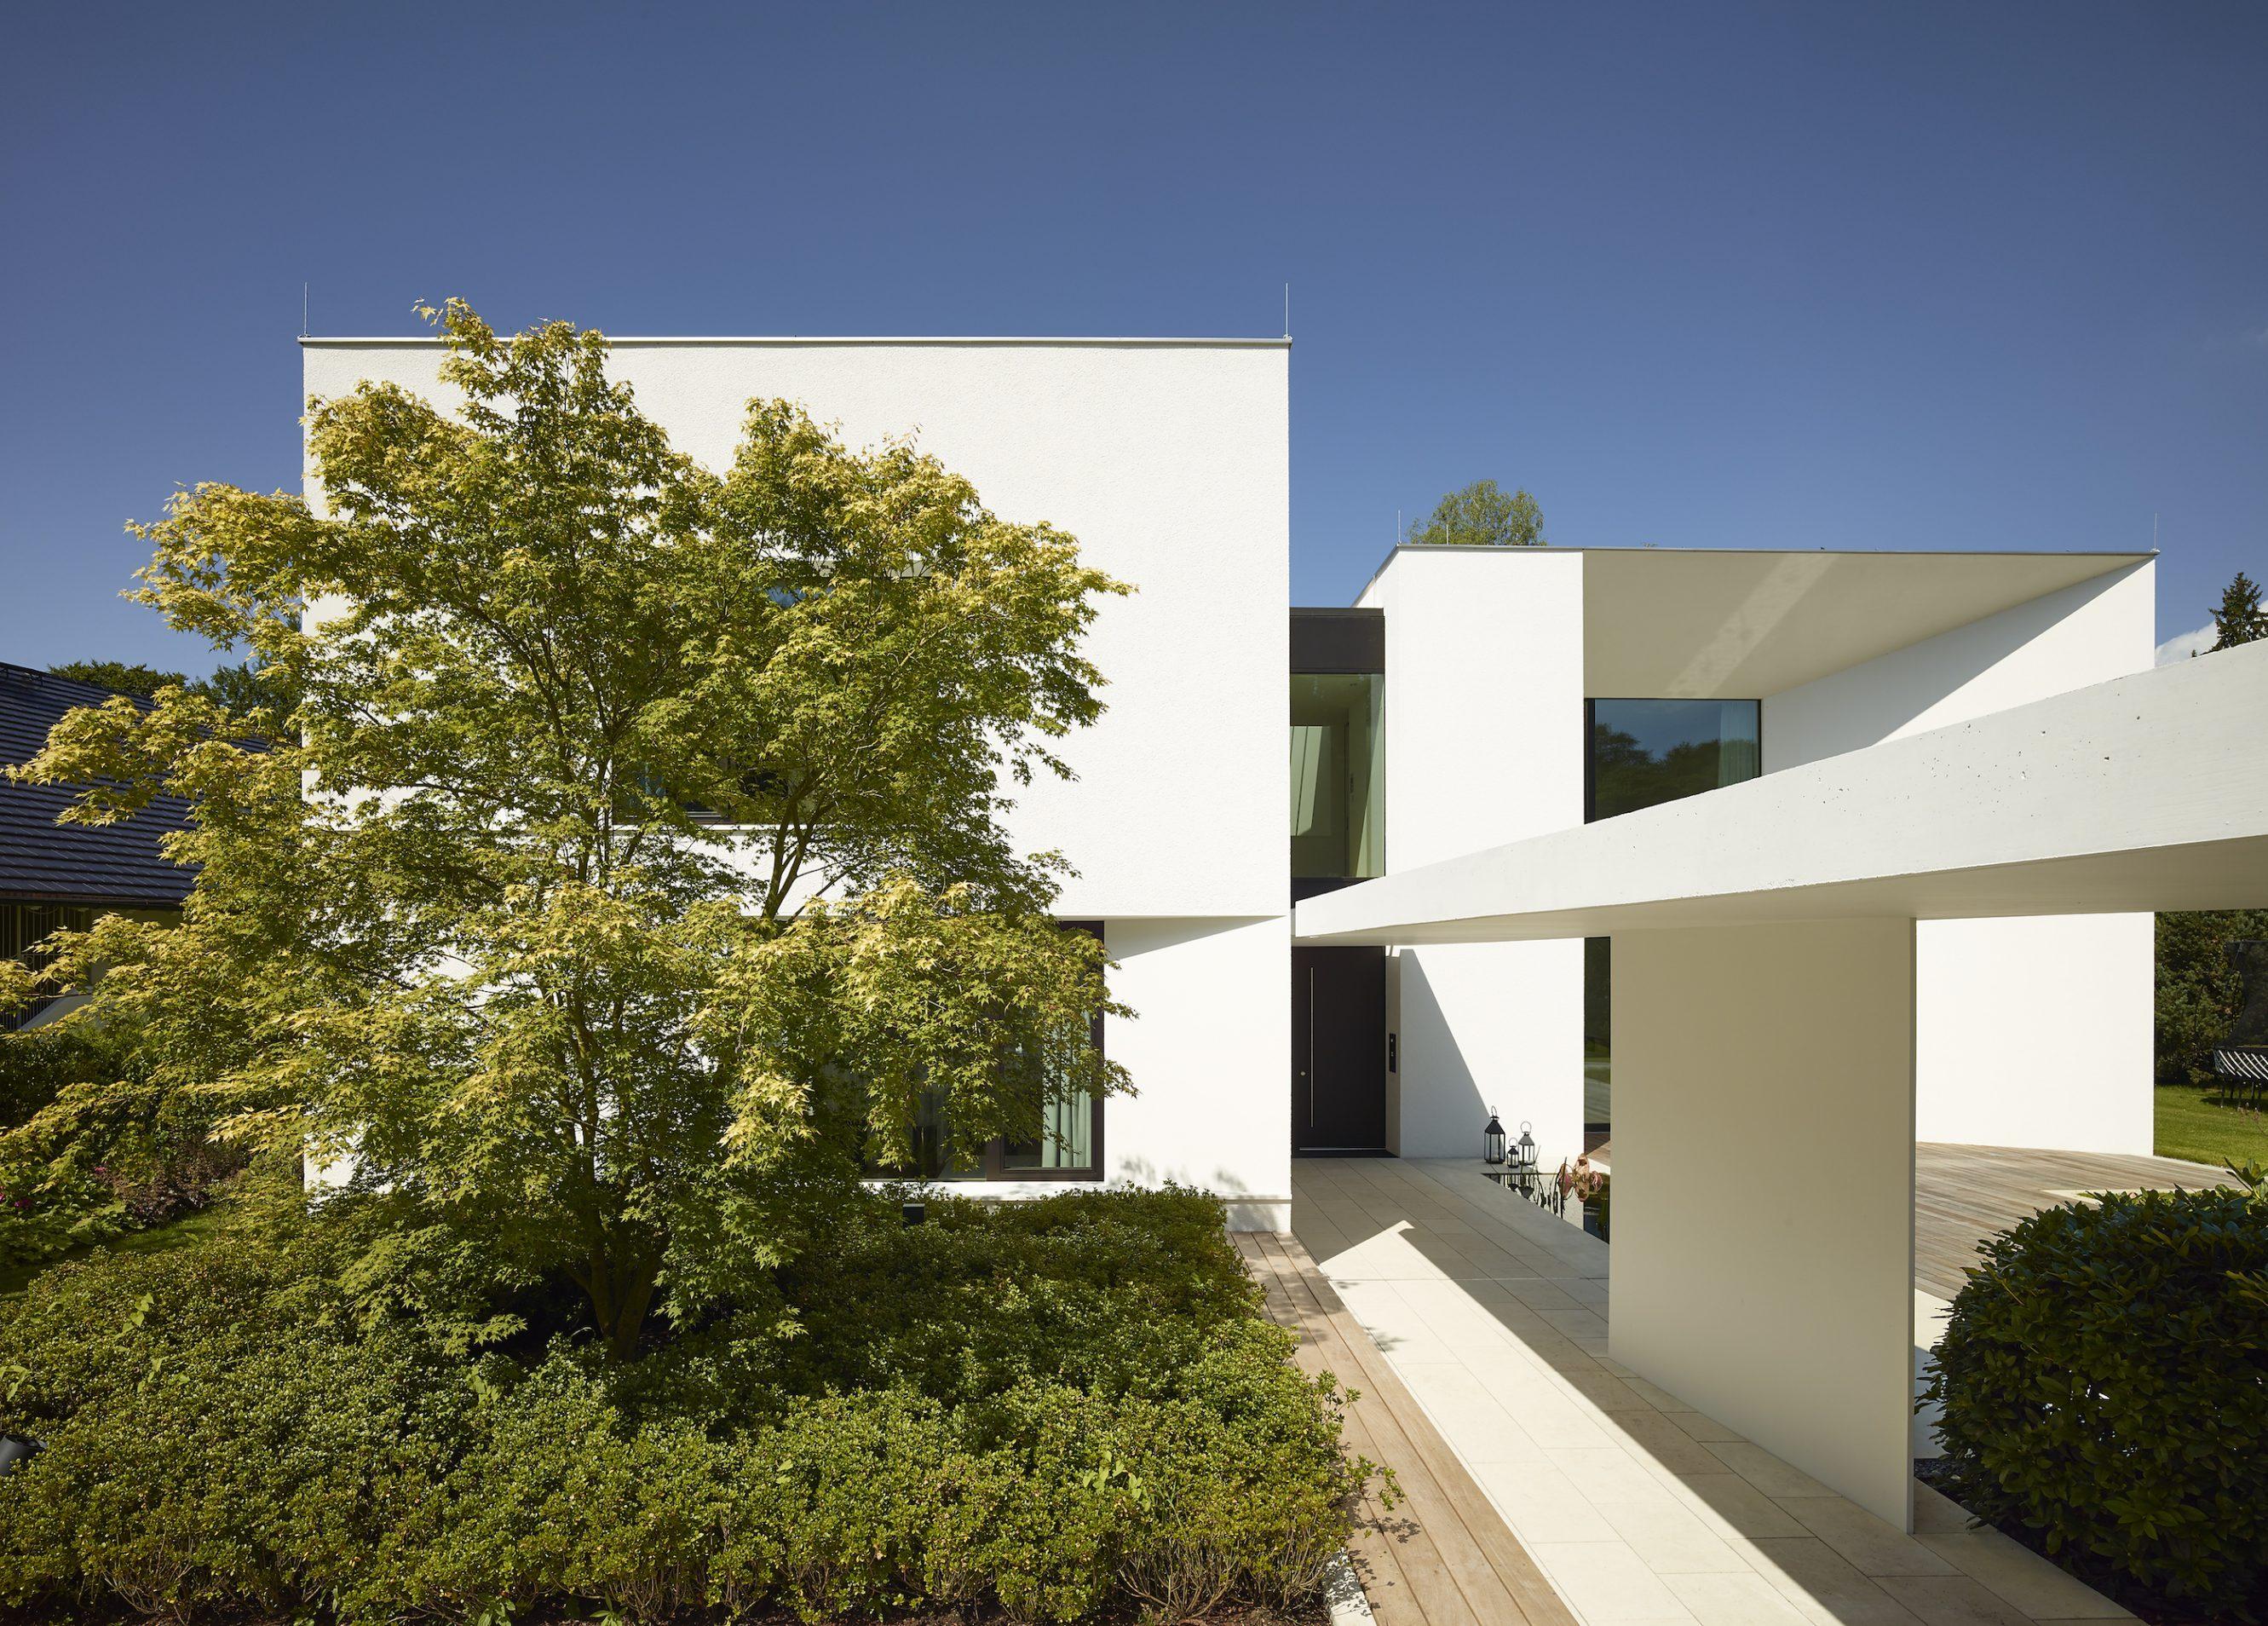 haus am see titus bernhard architekten. Black Bedroom Furniture Sets. Home Design Ideas